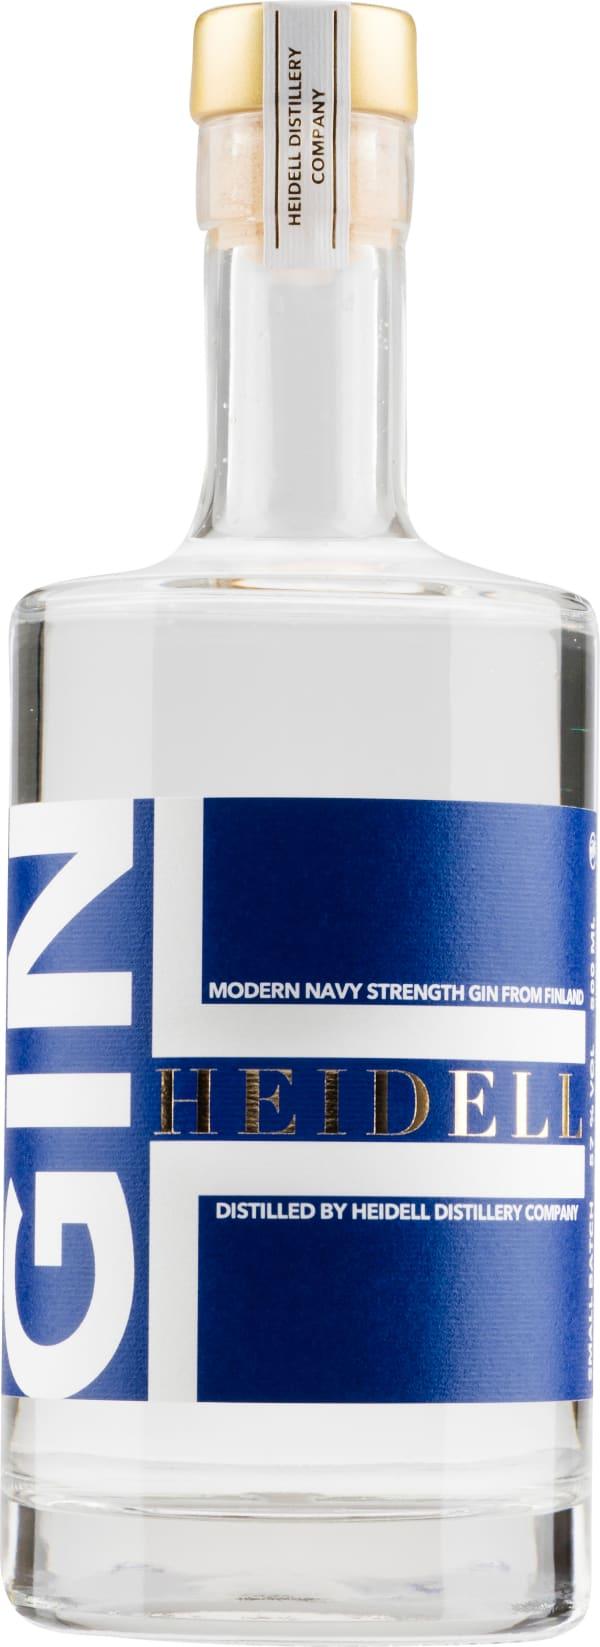 Heidell Navy Strength Gin